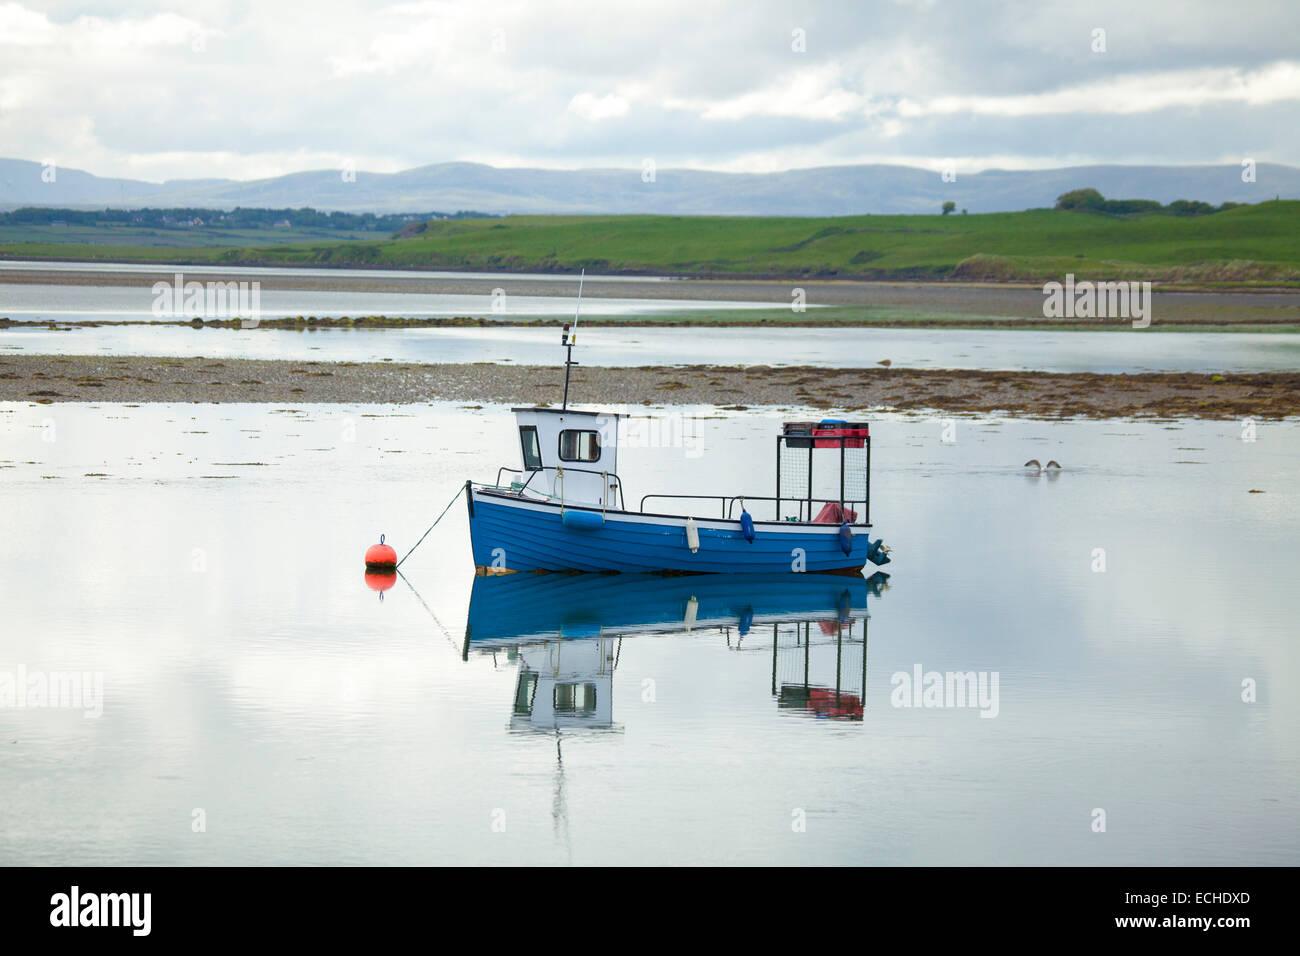 Reflexion der Hummer Fischerboot in Killala Hafen. County Mayo, Irland. Stockbild